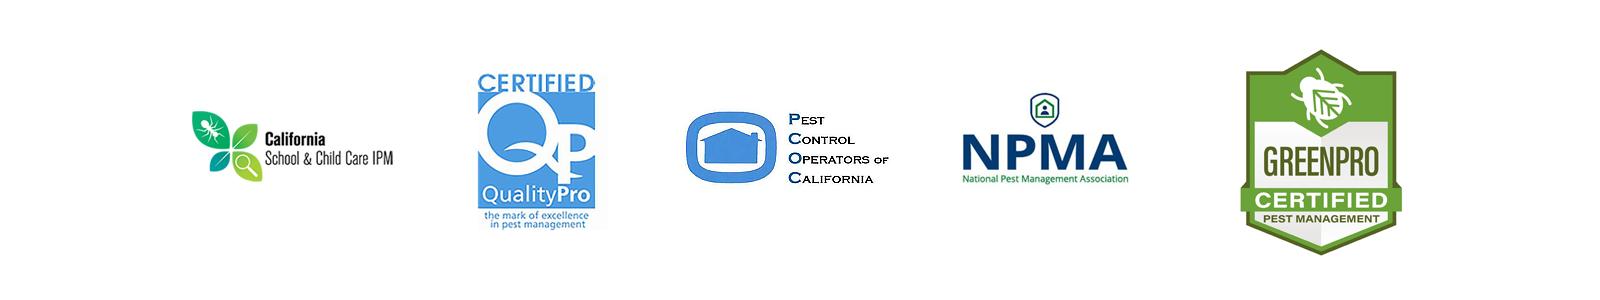 Pest Control Credentials